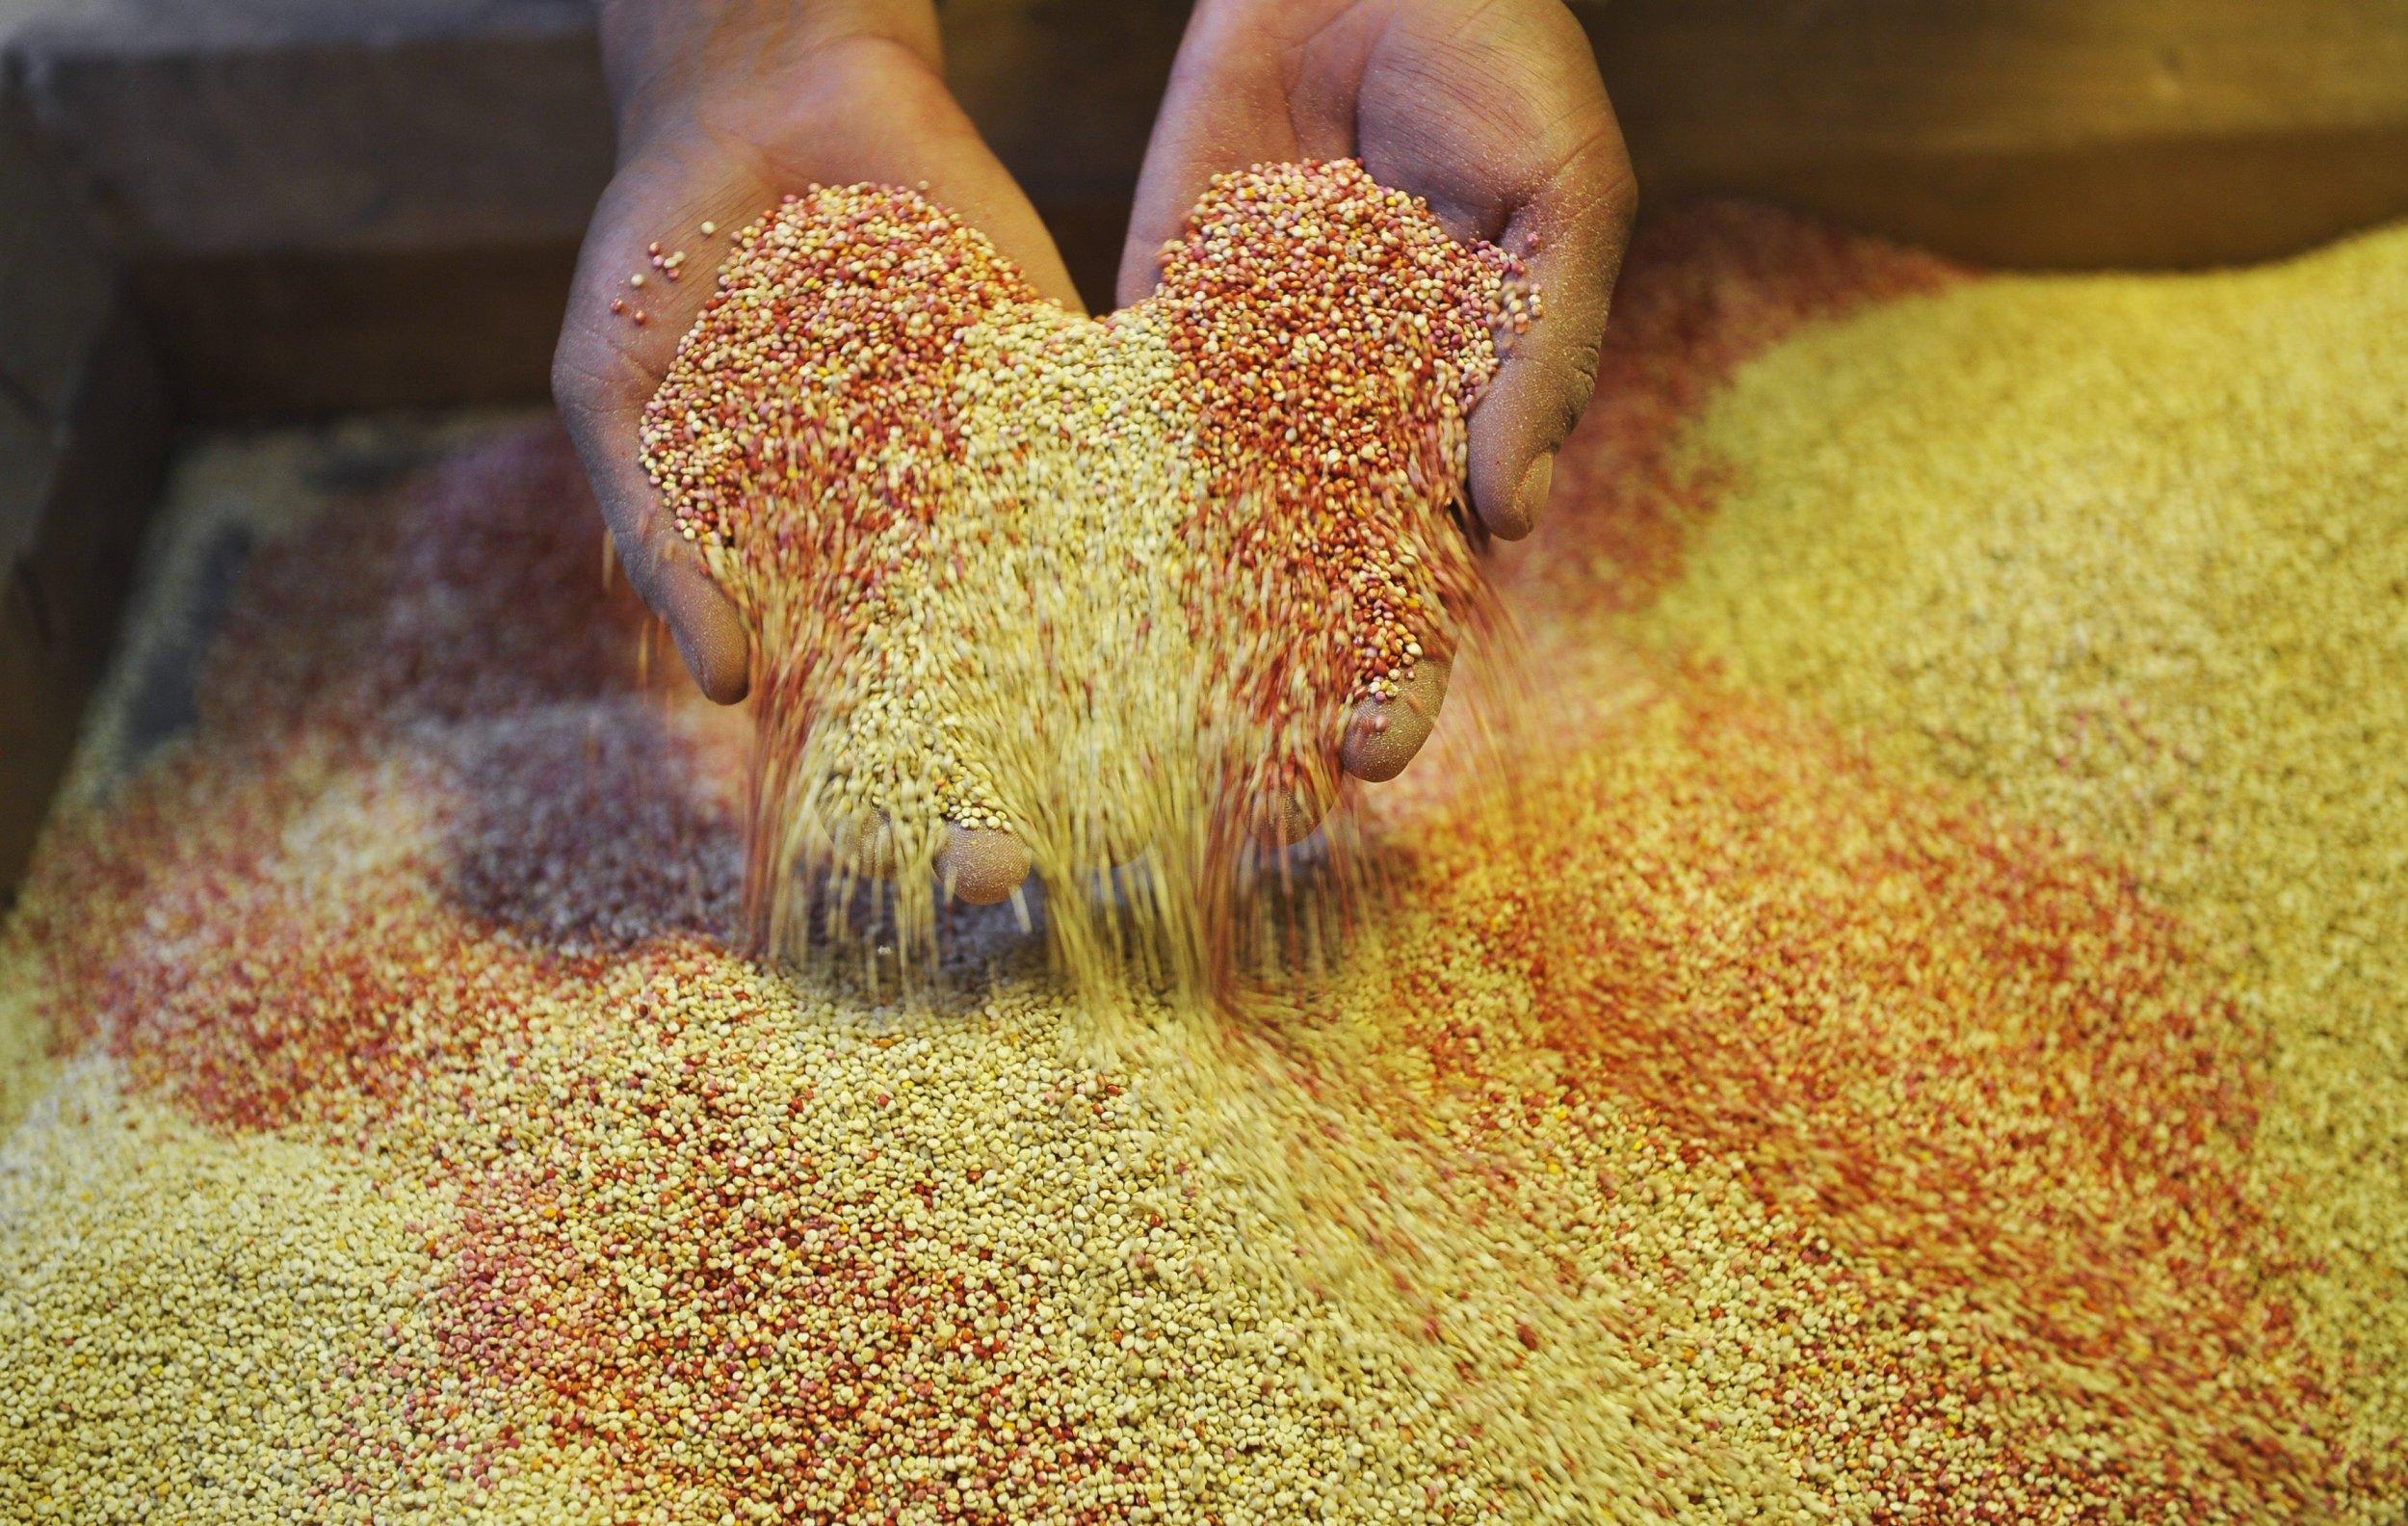 09_25_quinoa in hand_01